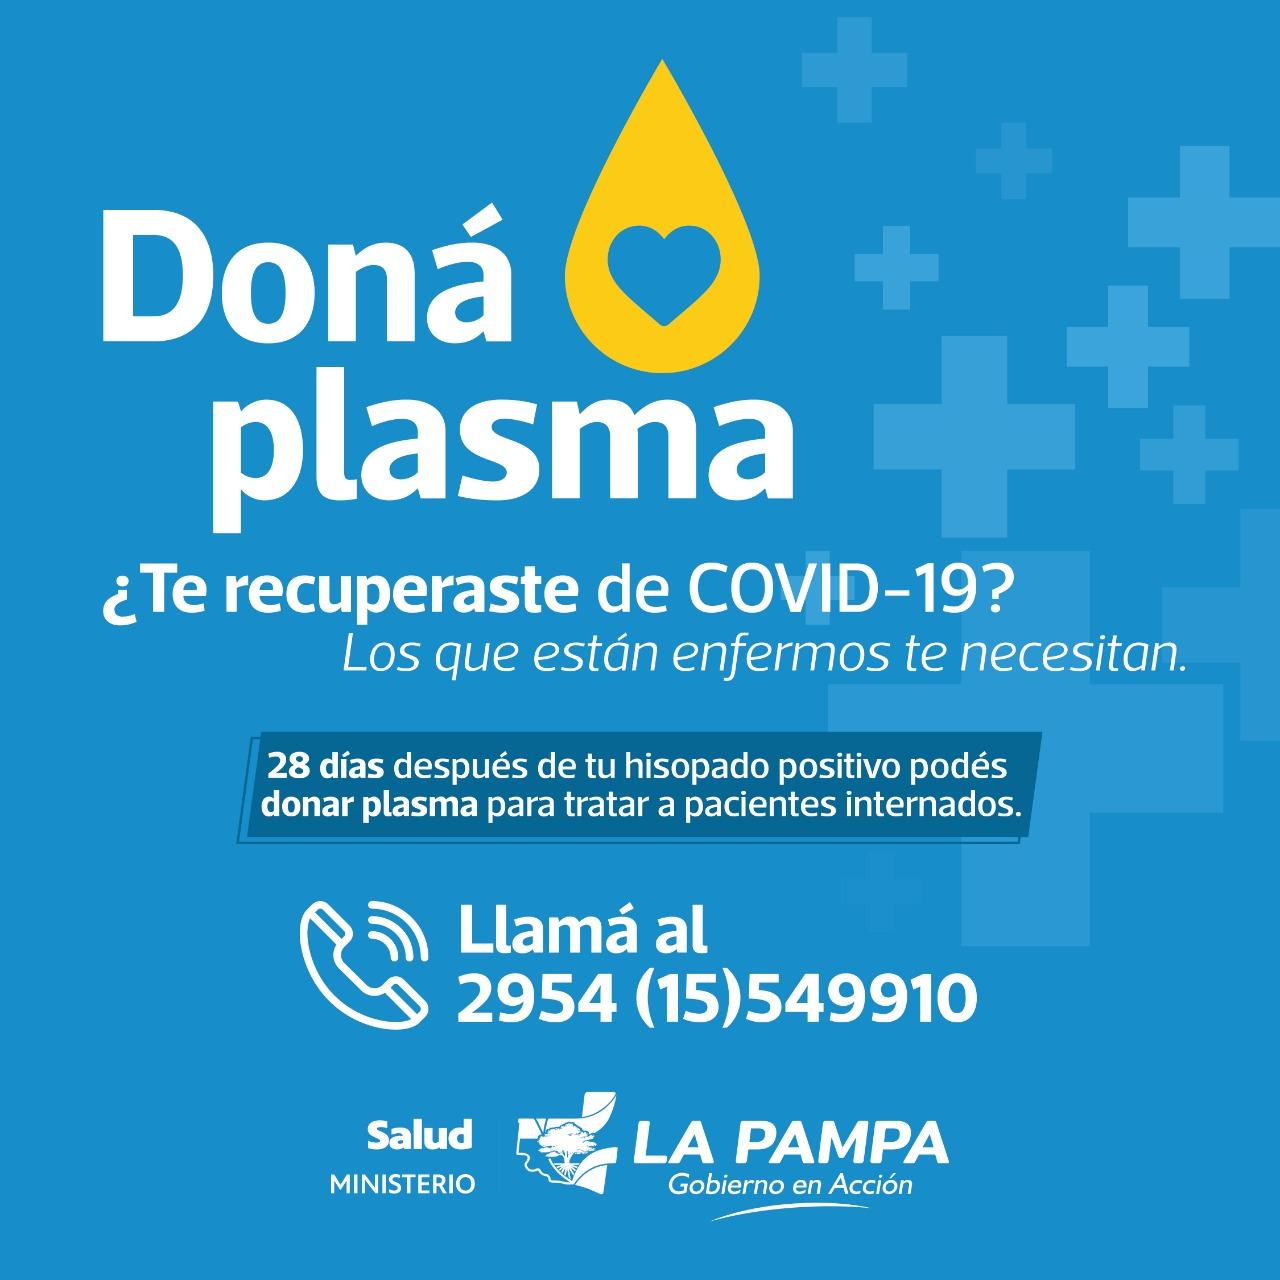 Desde Salud buscan que los recuperados de COVID-19 en La Pampa donen plasma